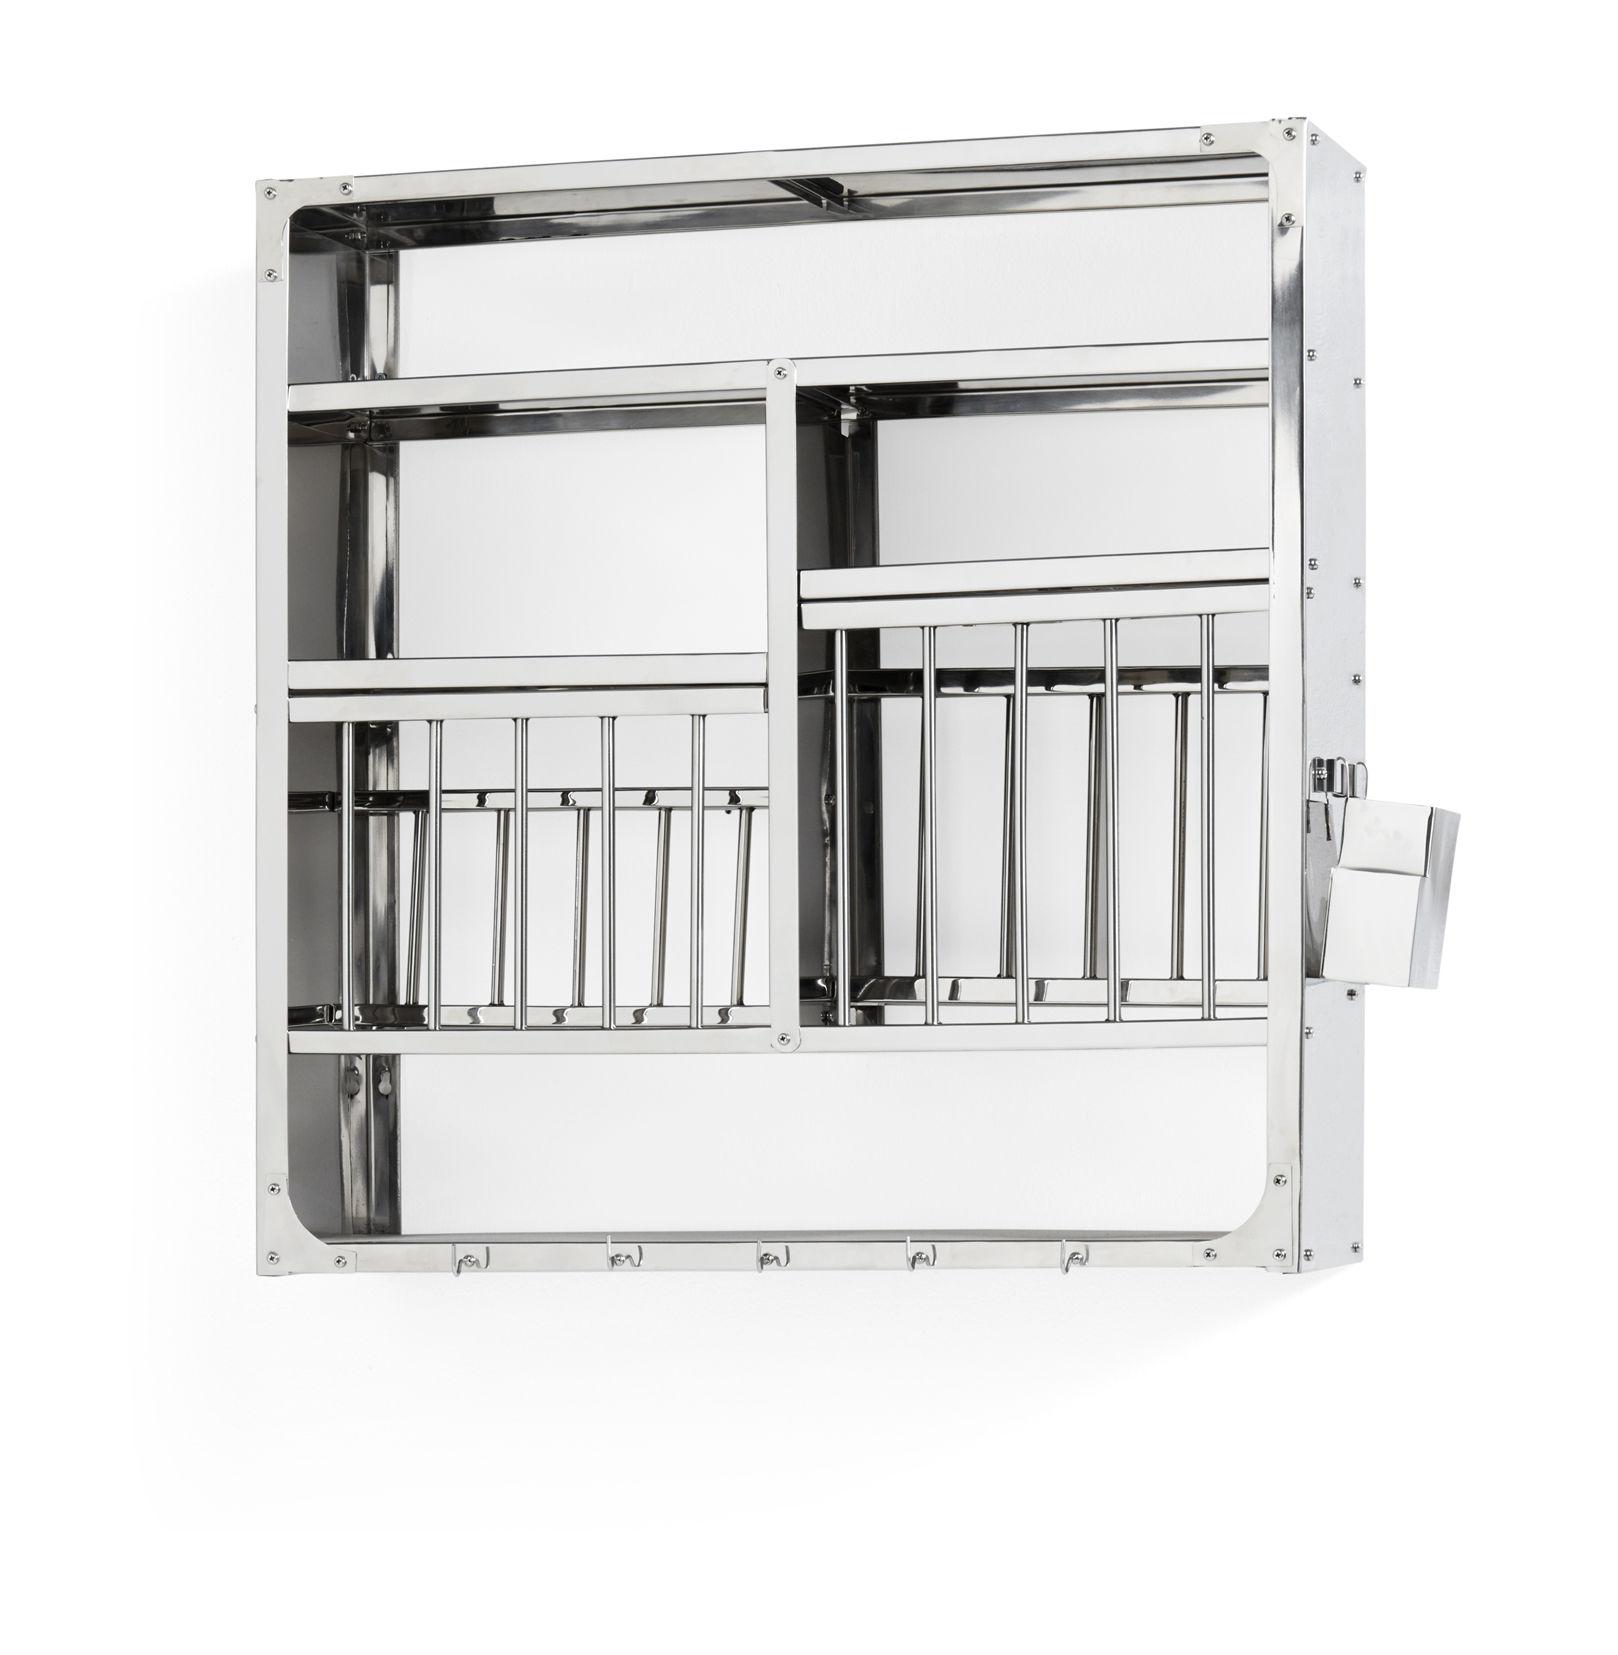 Mobilier - Compléments d'ameublement - Etagère Indian Large / Vaisselier - L 77 x H 78 cm - Hay - Large / Acier - Acier inoxydable